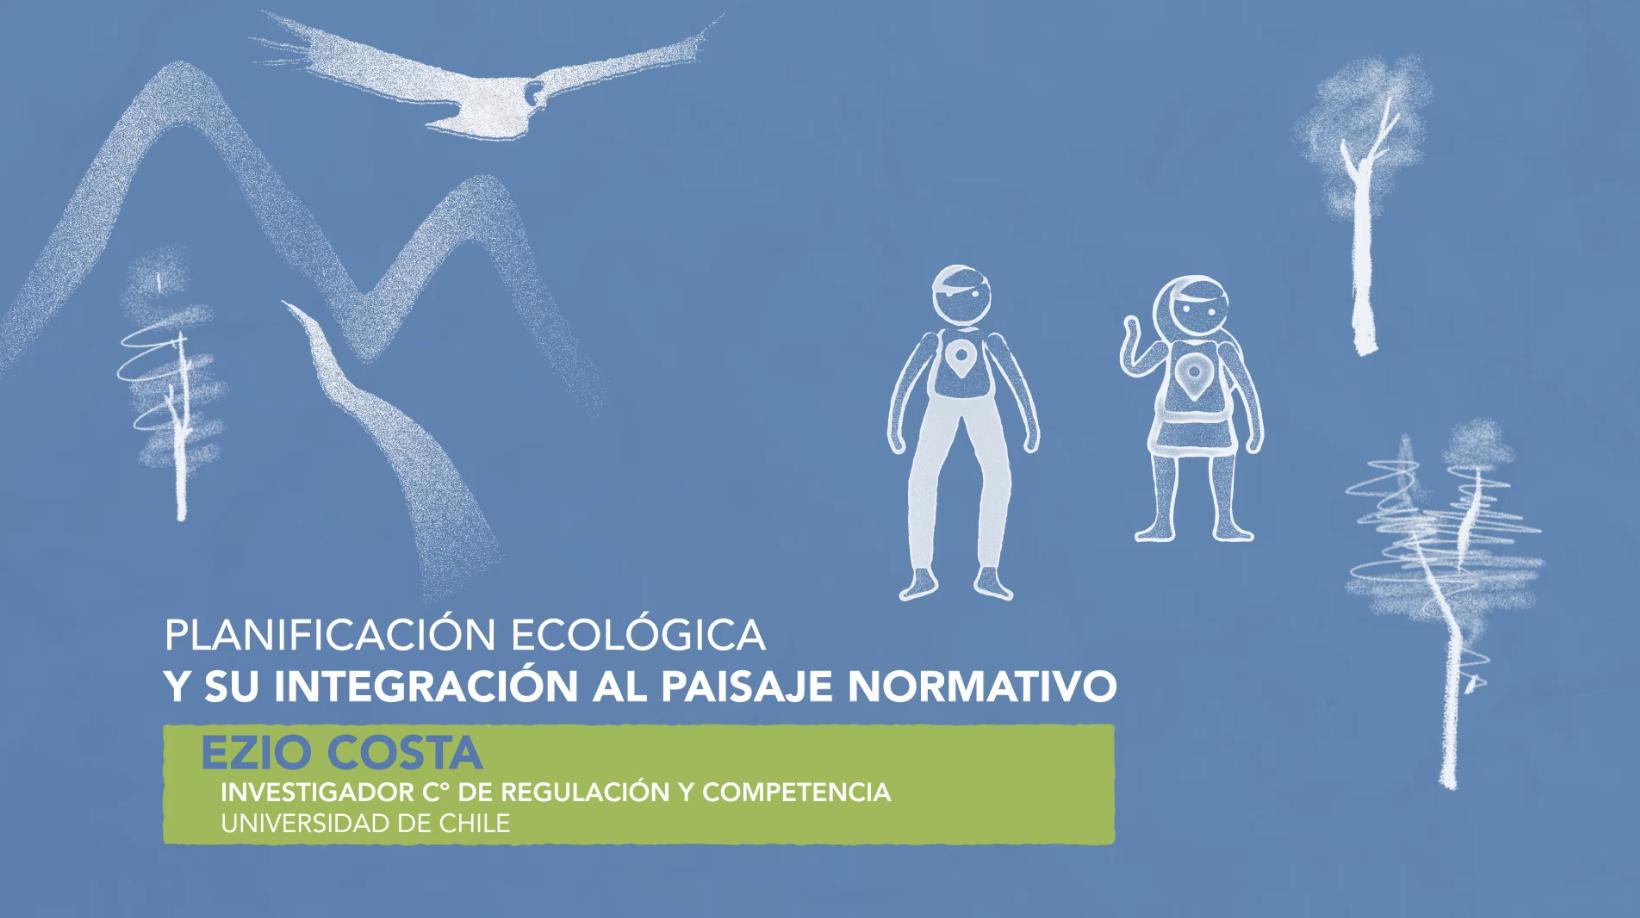 Planificación ecológica y su integración al paisaje normativo – Ezio Costa